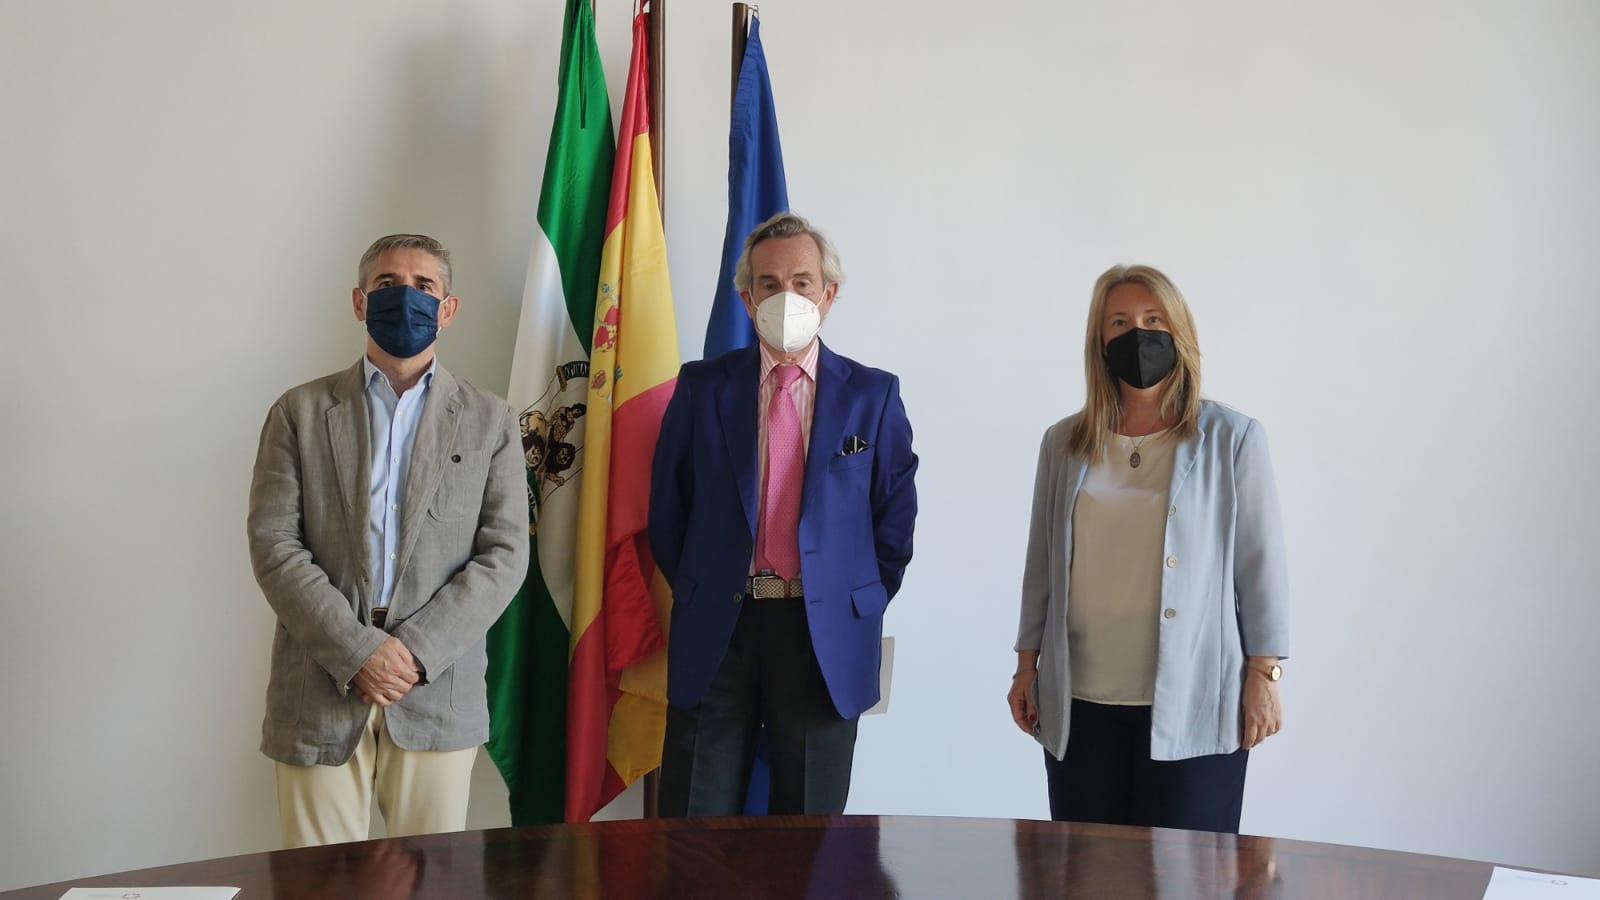 Vinos, Aceites y Vinagres 12PB, de Sánchez-Ramade, nuevo proveedor oficial del área de hostelería y tienda del Palacio de Congresos de Córdoba